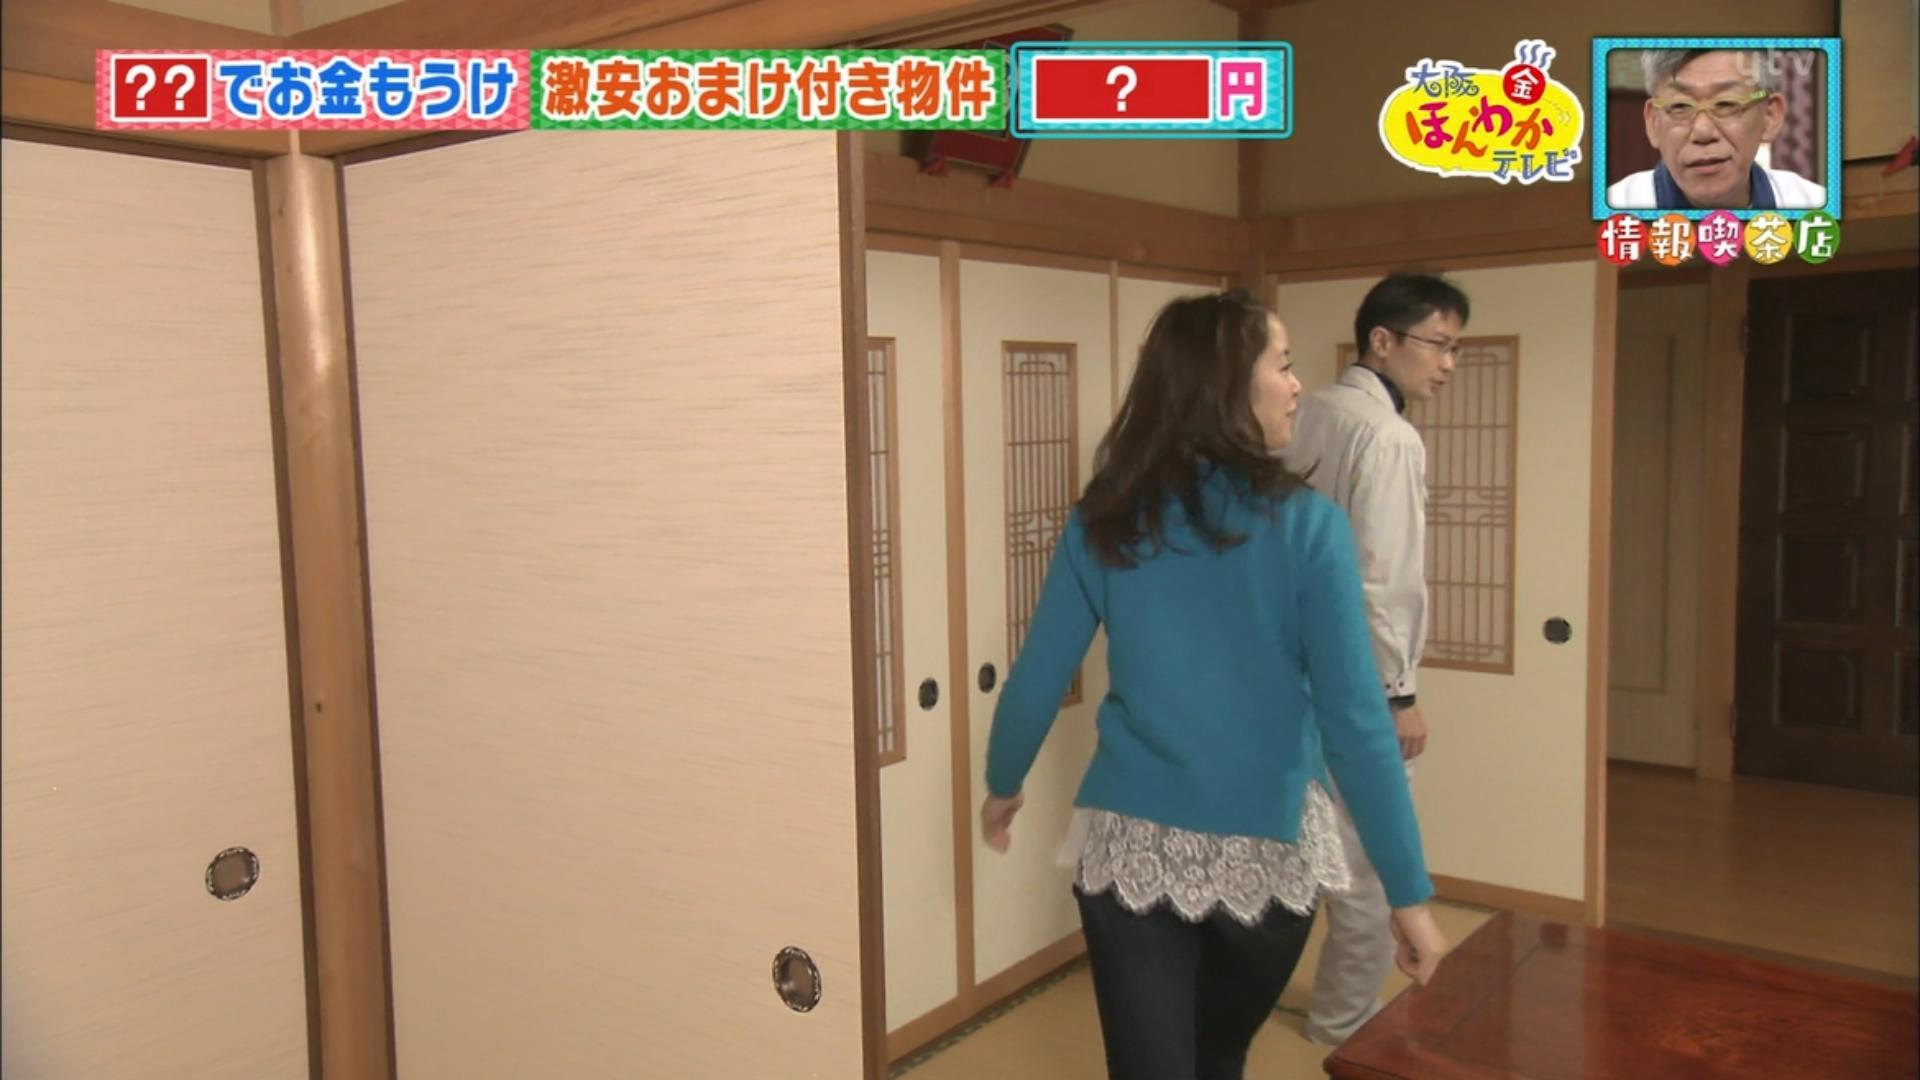 武田訓佳さんのジーンズお尻エロキャプ画像15